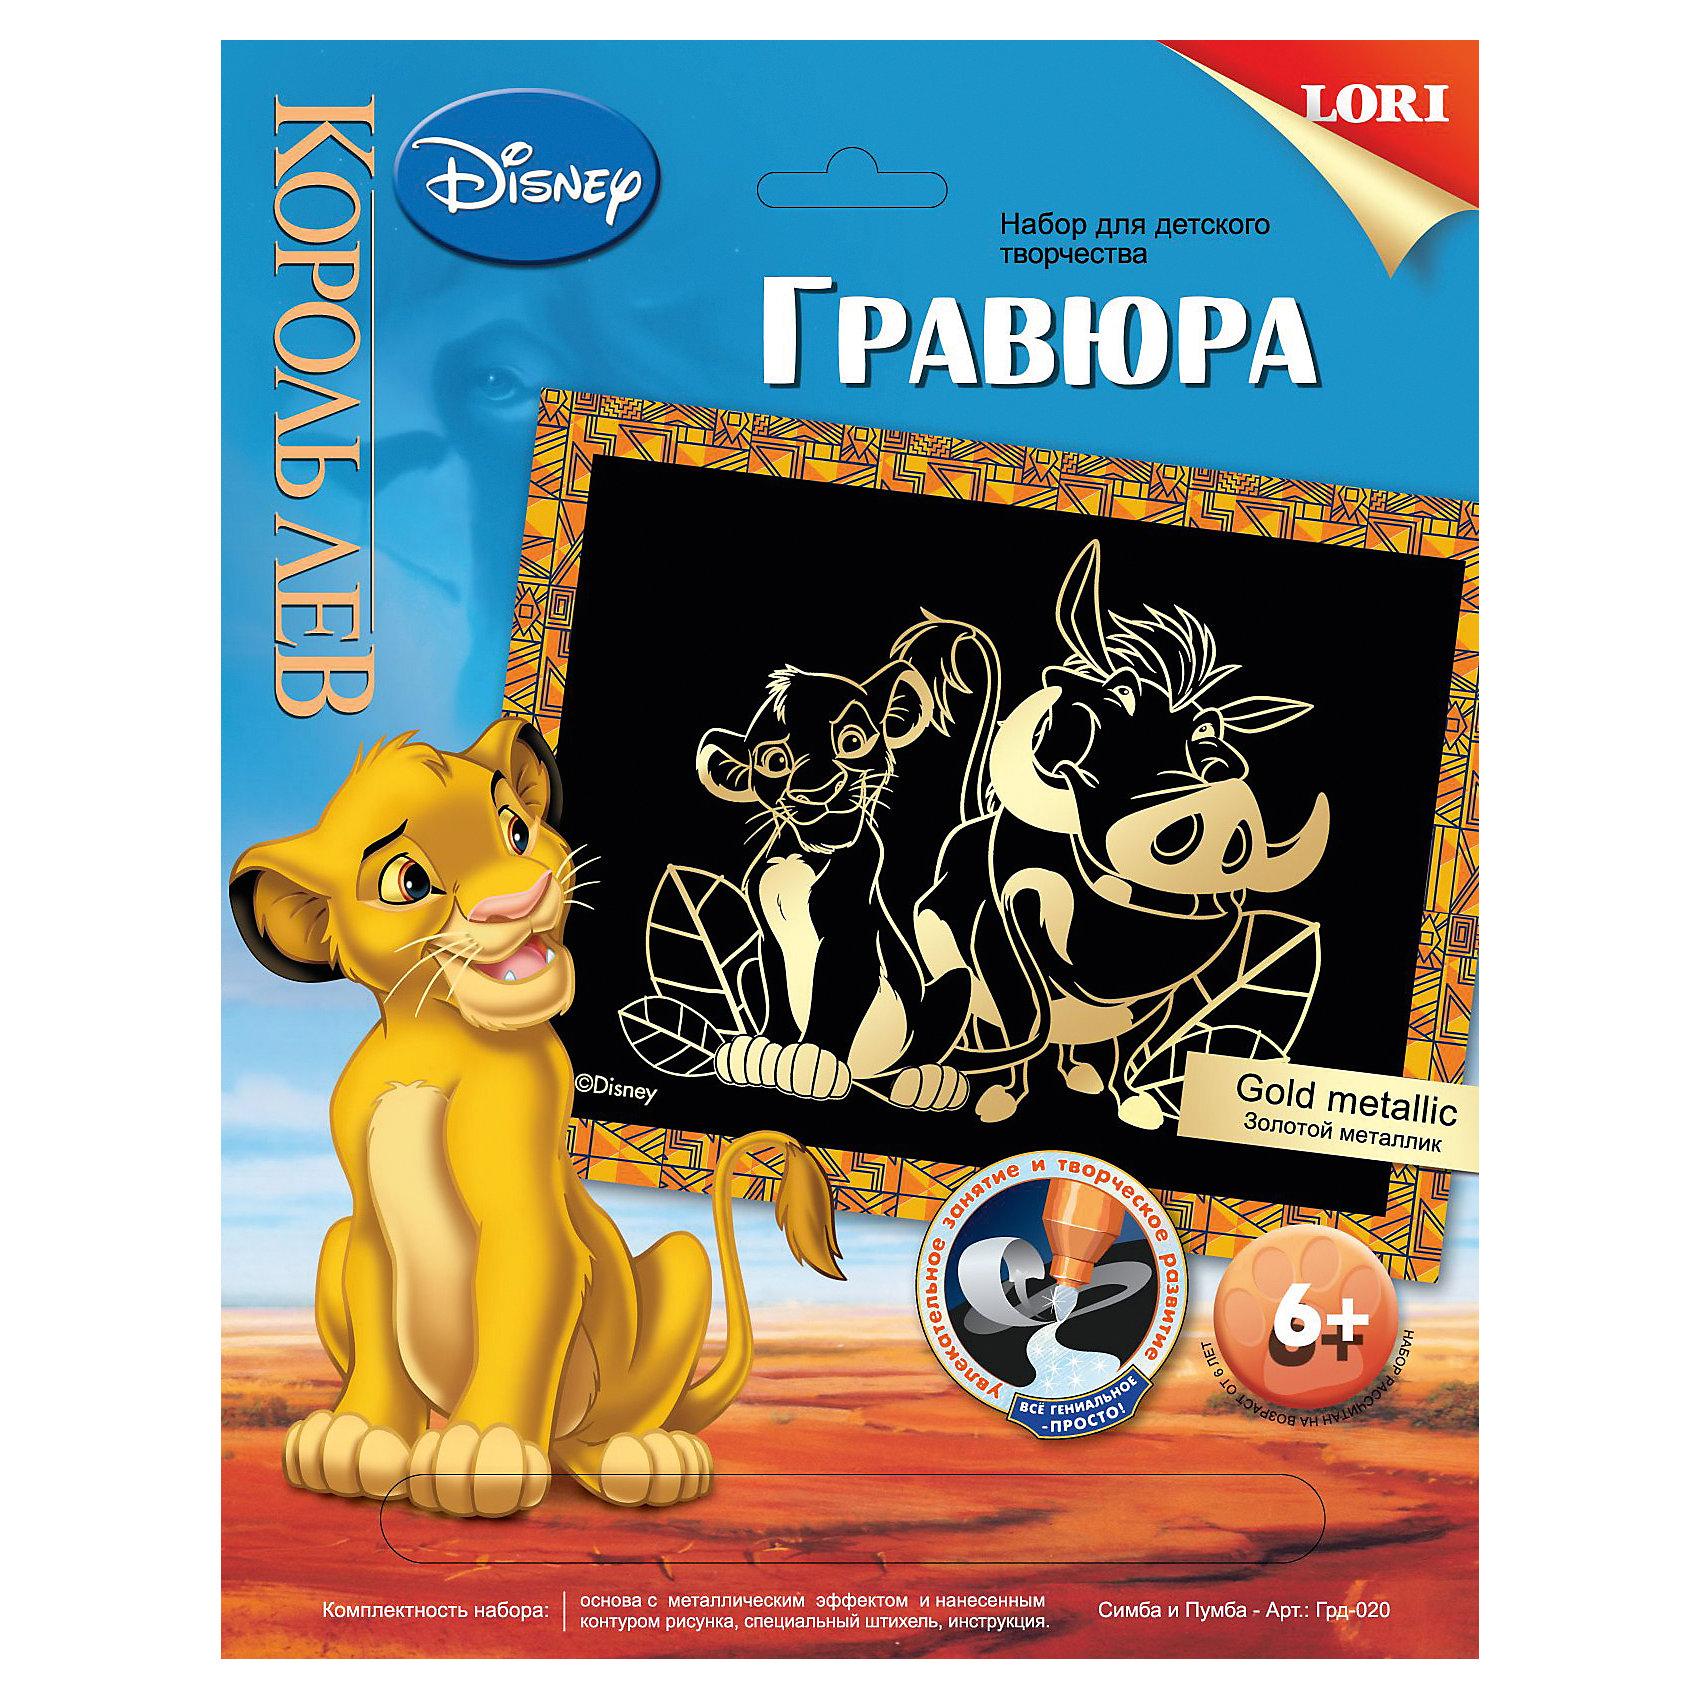 Гравюра Disney большая с эффектом золота  «Симба и Пумба»Гравюры<br>Гравюра Disney большая с эффектом золота «Симба и Пумба»<br><br>Характеристики:<br><br>- в набор входит: картинка, штрихель<br>- состав: картон, пластик, металл<br>- размер упаковки: 27 * 1 * 21 см.<br>- для детей в возрасте: от 6 до 12 лет<br>- страна производитель: Китай<br><br>Набор для творчества Гравюра с героями любимого мультфильма Тимоном и Пумбой понравится как девочкам, так и мальчикам. Этот набор станет очень интересным и новым занятием для тех, кто еще не пробовал выполнять такие работы. Поделку легко выполнить и очень скоро можно будет радоваться результату законченной работы. Контур картинки уже имеется, нужно просто использовать штрихель из набора, чтобы соскрести черную краску и добавить блестящего золотого цвета. На обороте коробочки имеется небольшая рамка для готовой гравюры. Работая с таким набором ребенок развивает моторику рук, воображение, усидчивость, аккуратность и внимание.<br><br>Гравюру Disney большая с эффектом золота «Симба и Пумба» можно купить в нашем интернет-магазине.<br><br>Ширина мм: 225<br>Глубина мм: 30<br>Высота мм: 180<br>Вес г: 450<br>Возраст от месяцев: 72<br>Возраст до месяцев: 120<br>Пол: Унисекс<br>Возраст: Детский<br>SKU: 5032217